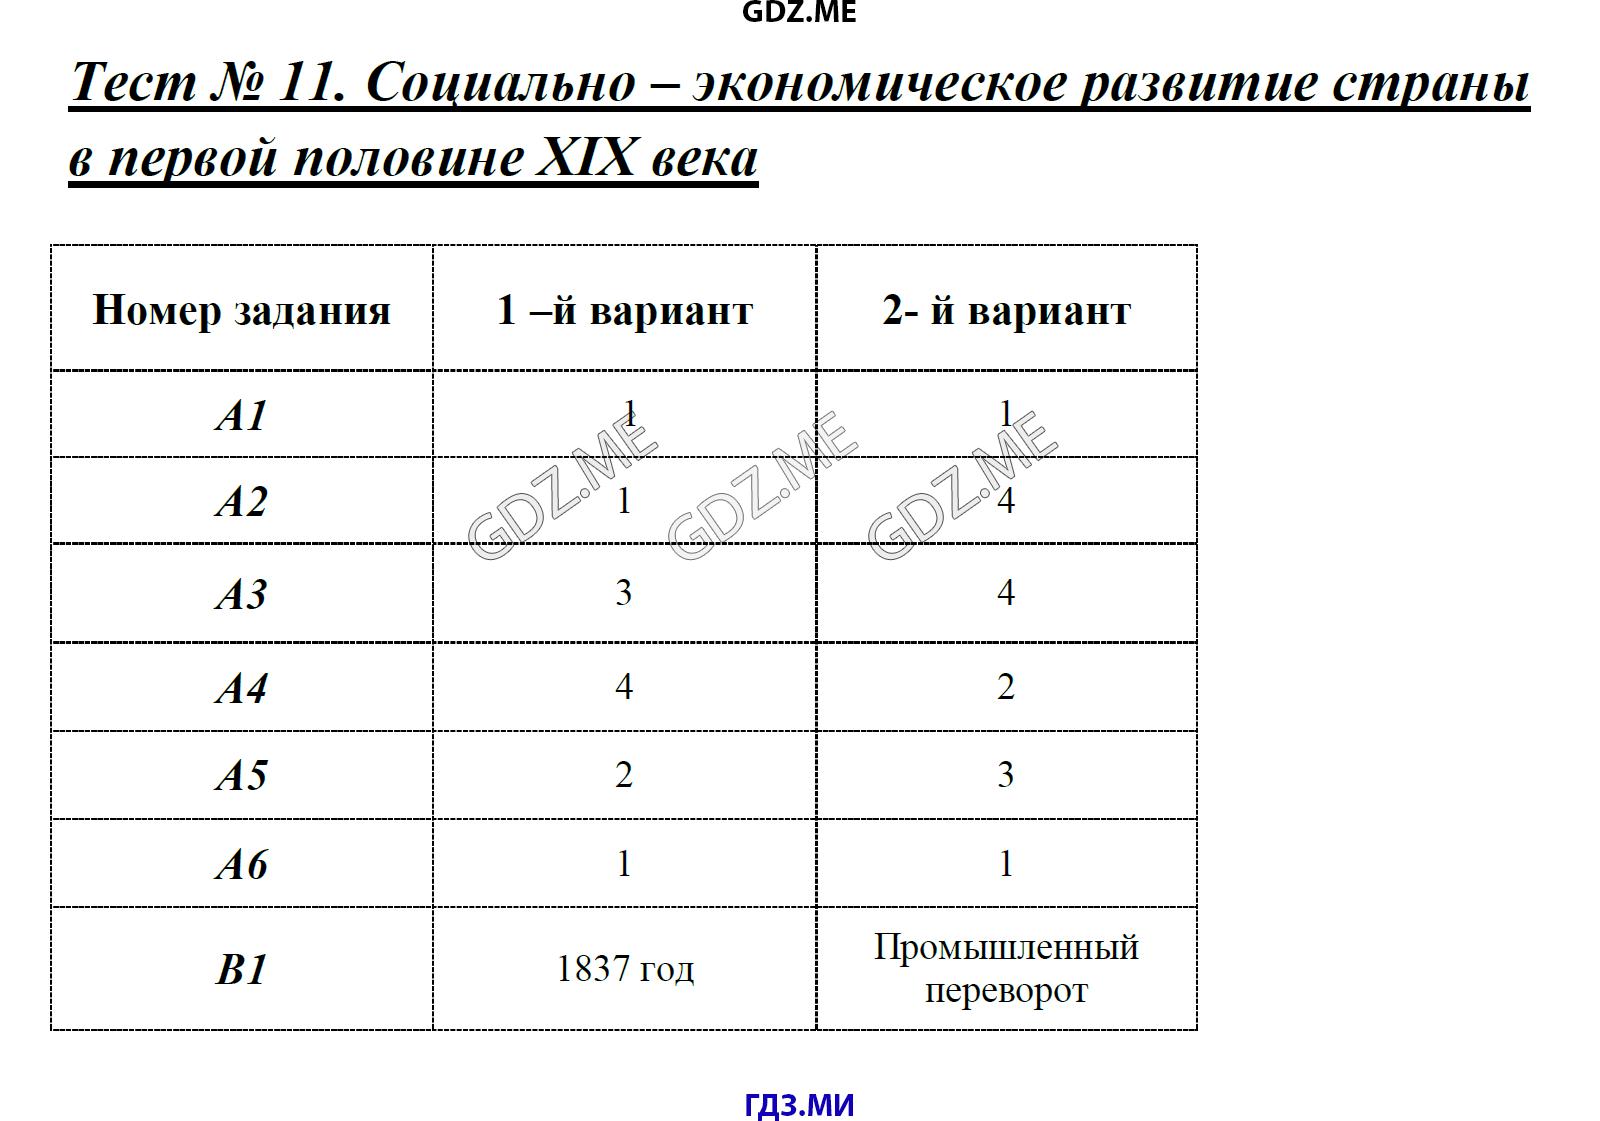 Учебник по татарскому языку 3 класс ф.ф.харисов ф.м.хисамова ч.м.харисова скачать бесплатно